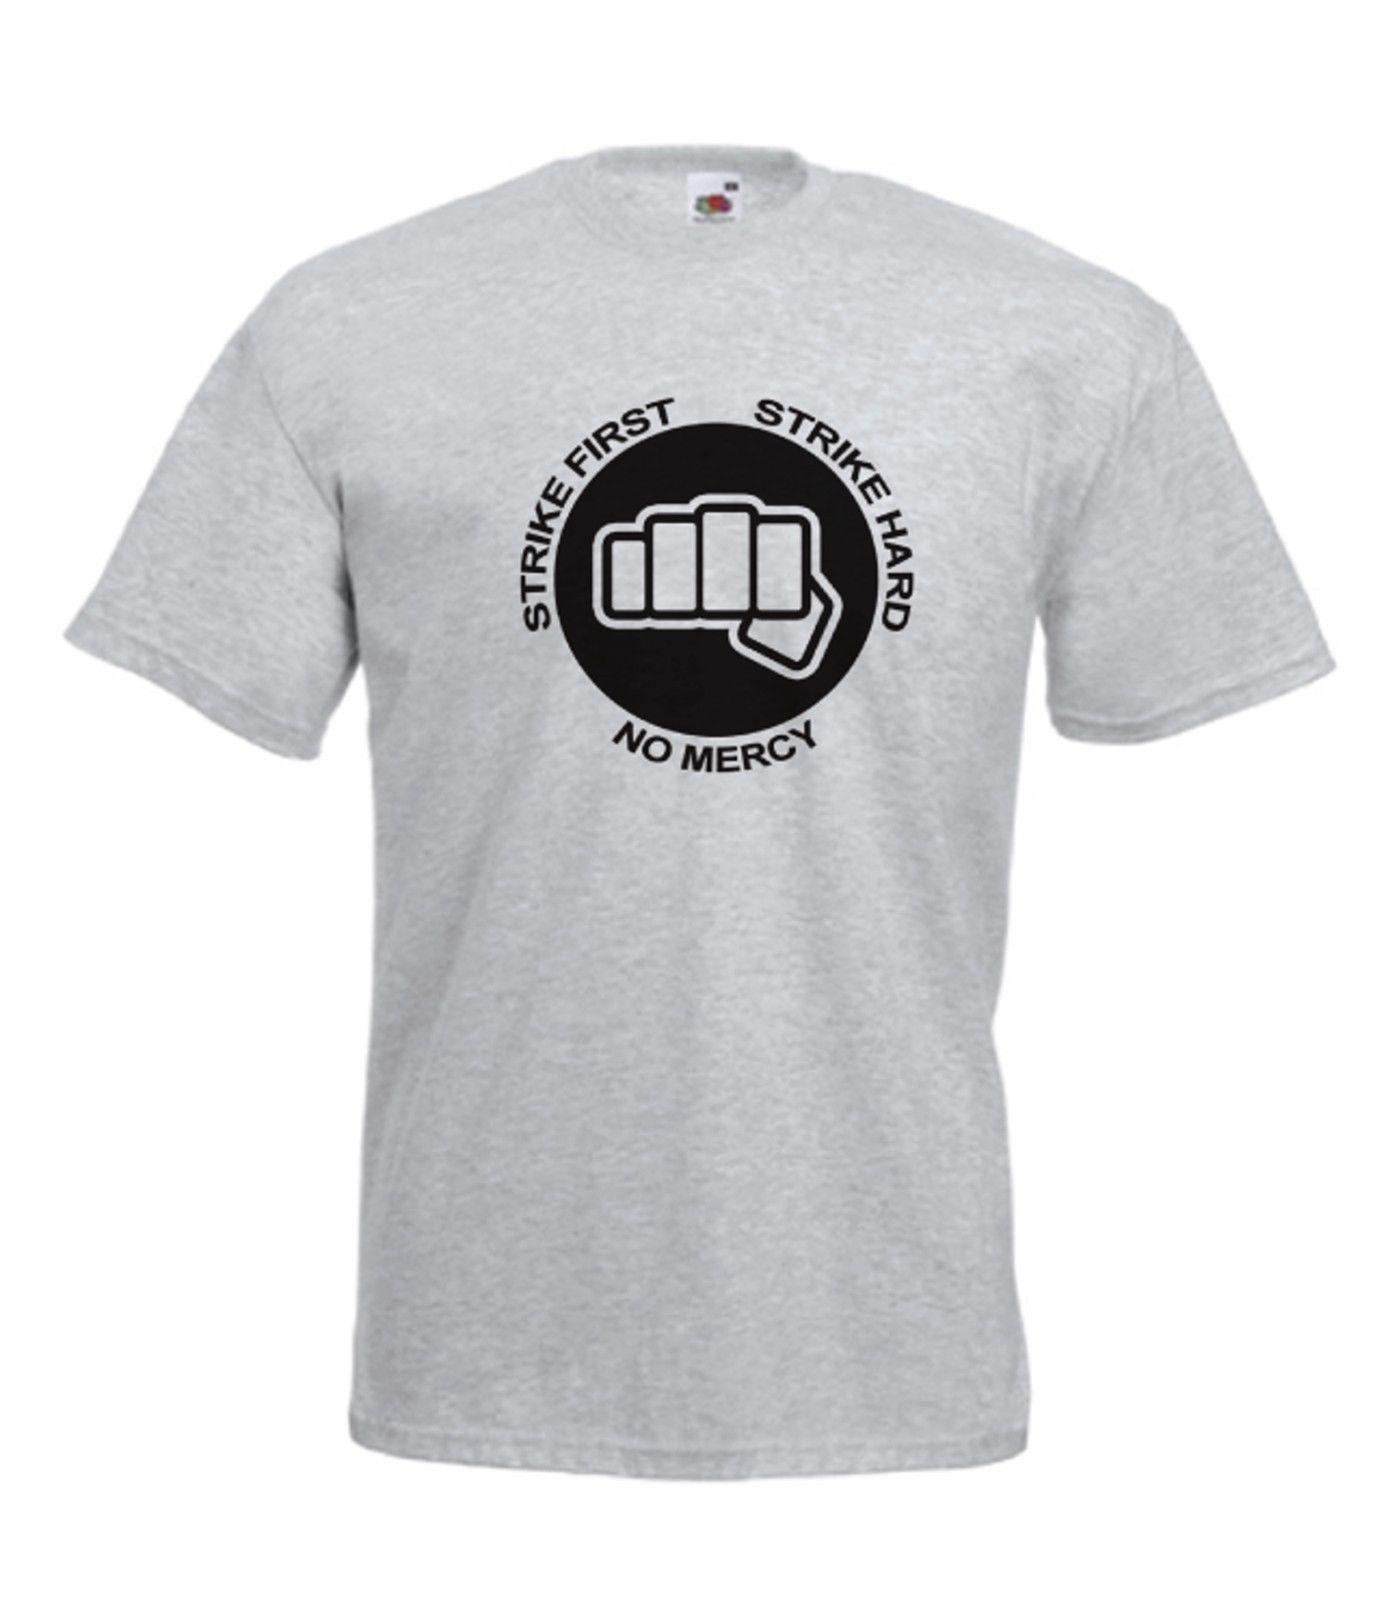 78c02fbf KARATE BOXING MMA Training Top Gym Xmas Birthday Gift Ideas Mens Womens Funny  Unisex Casual Tee Gift T Shrits Tshirts Designs From Tshirtsinc, ...